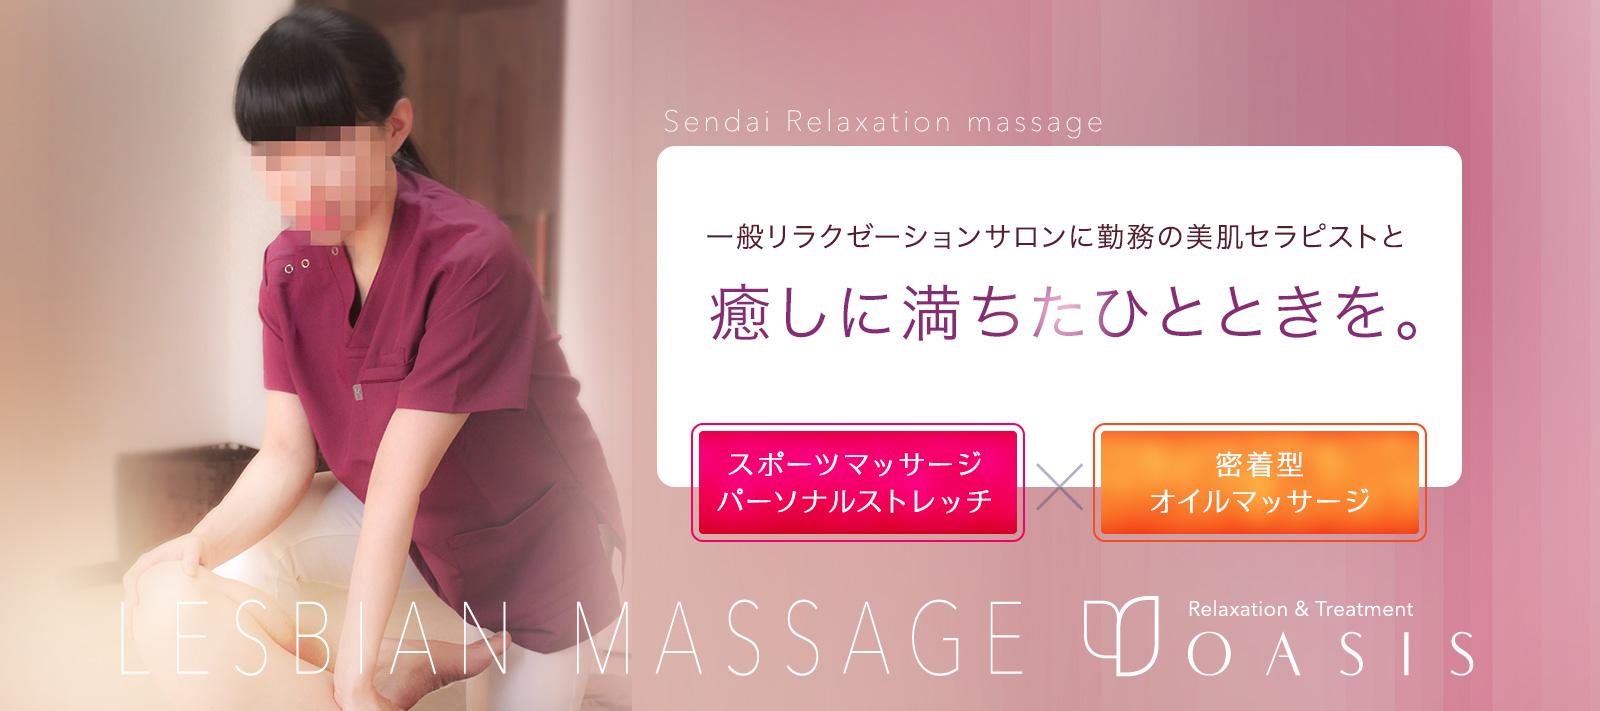 仙台レズビアンマッサージRelaxation&TreatmentOASISはこちら